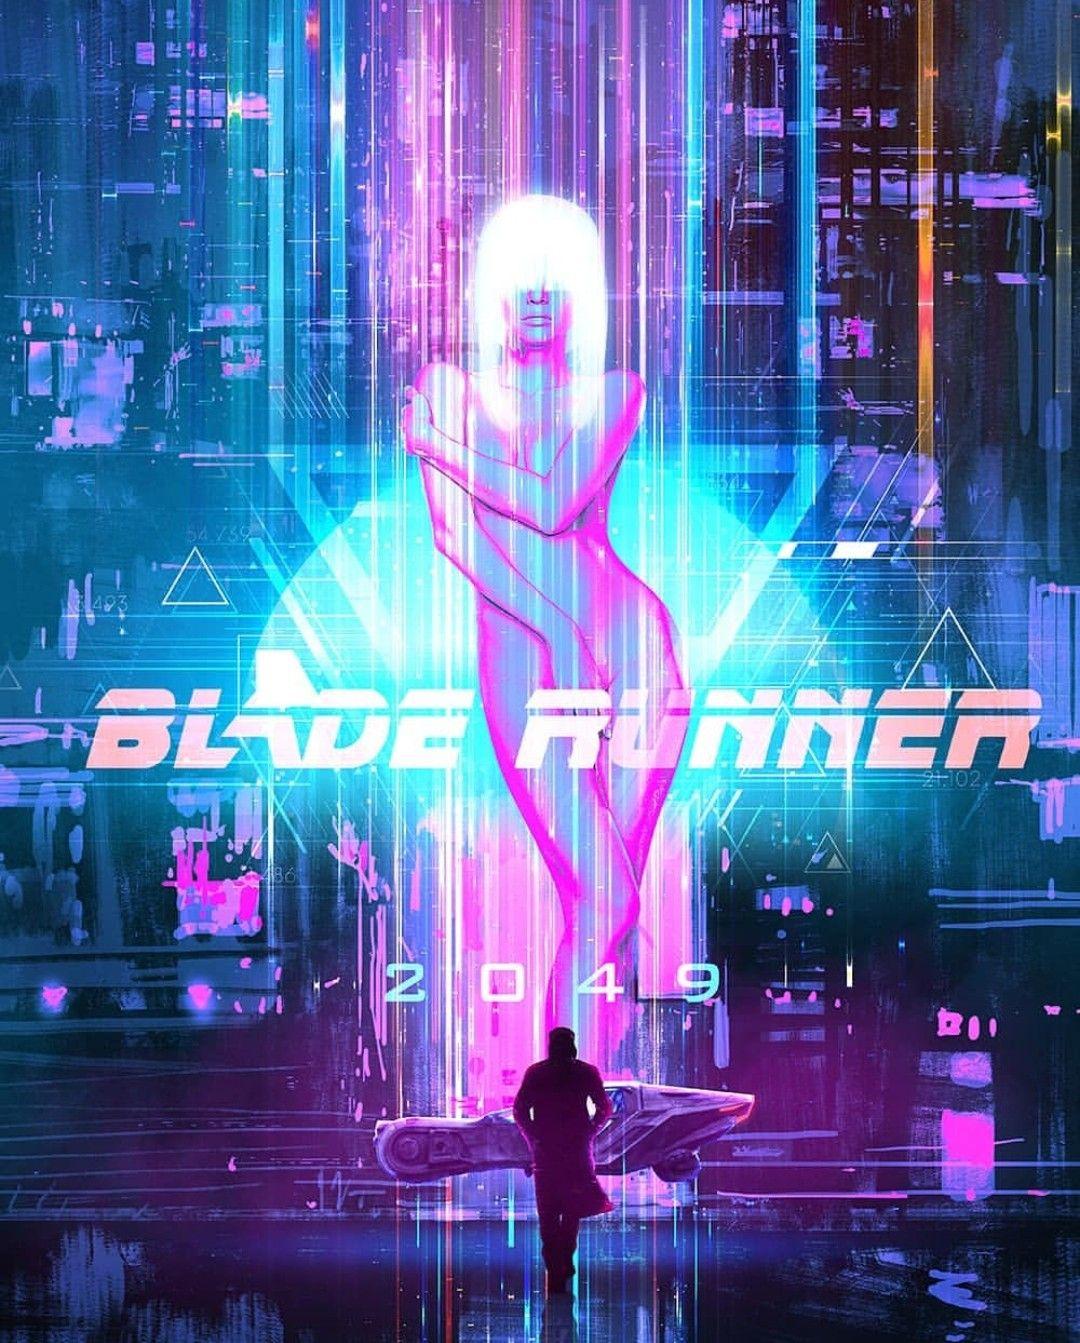 Blade Runner poster by Bosslogic in 2019 Blade runner